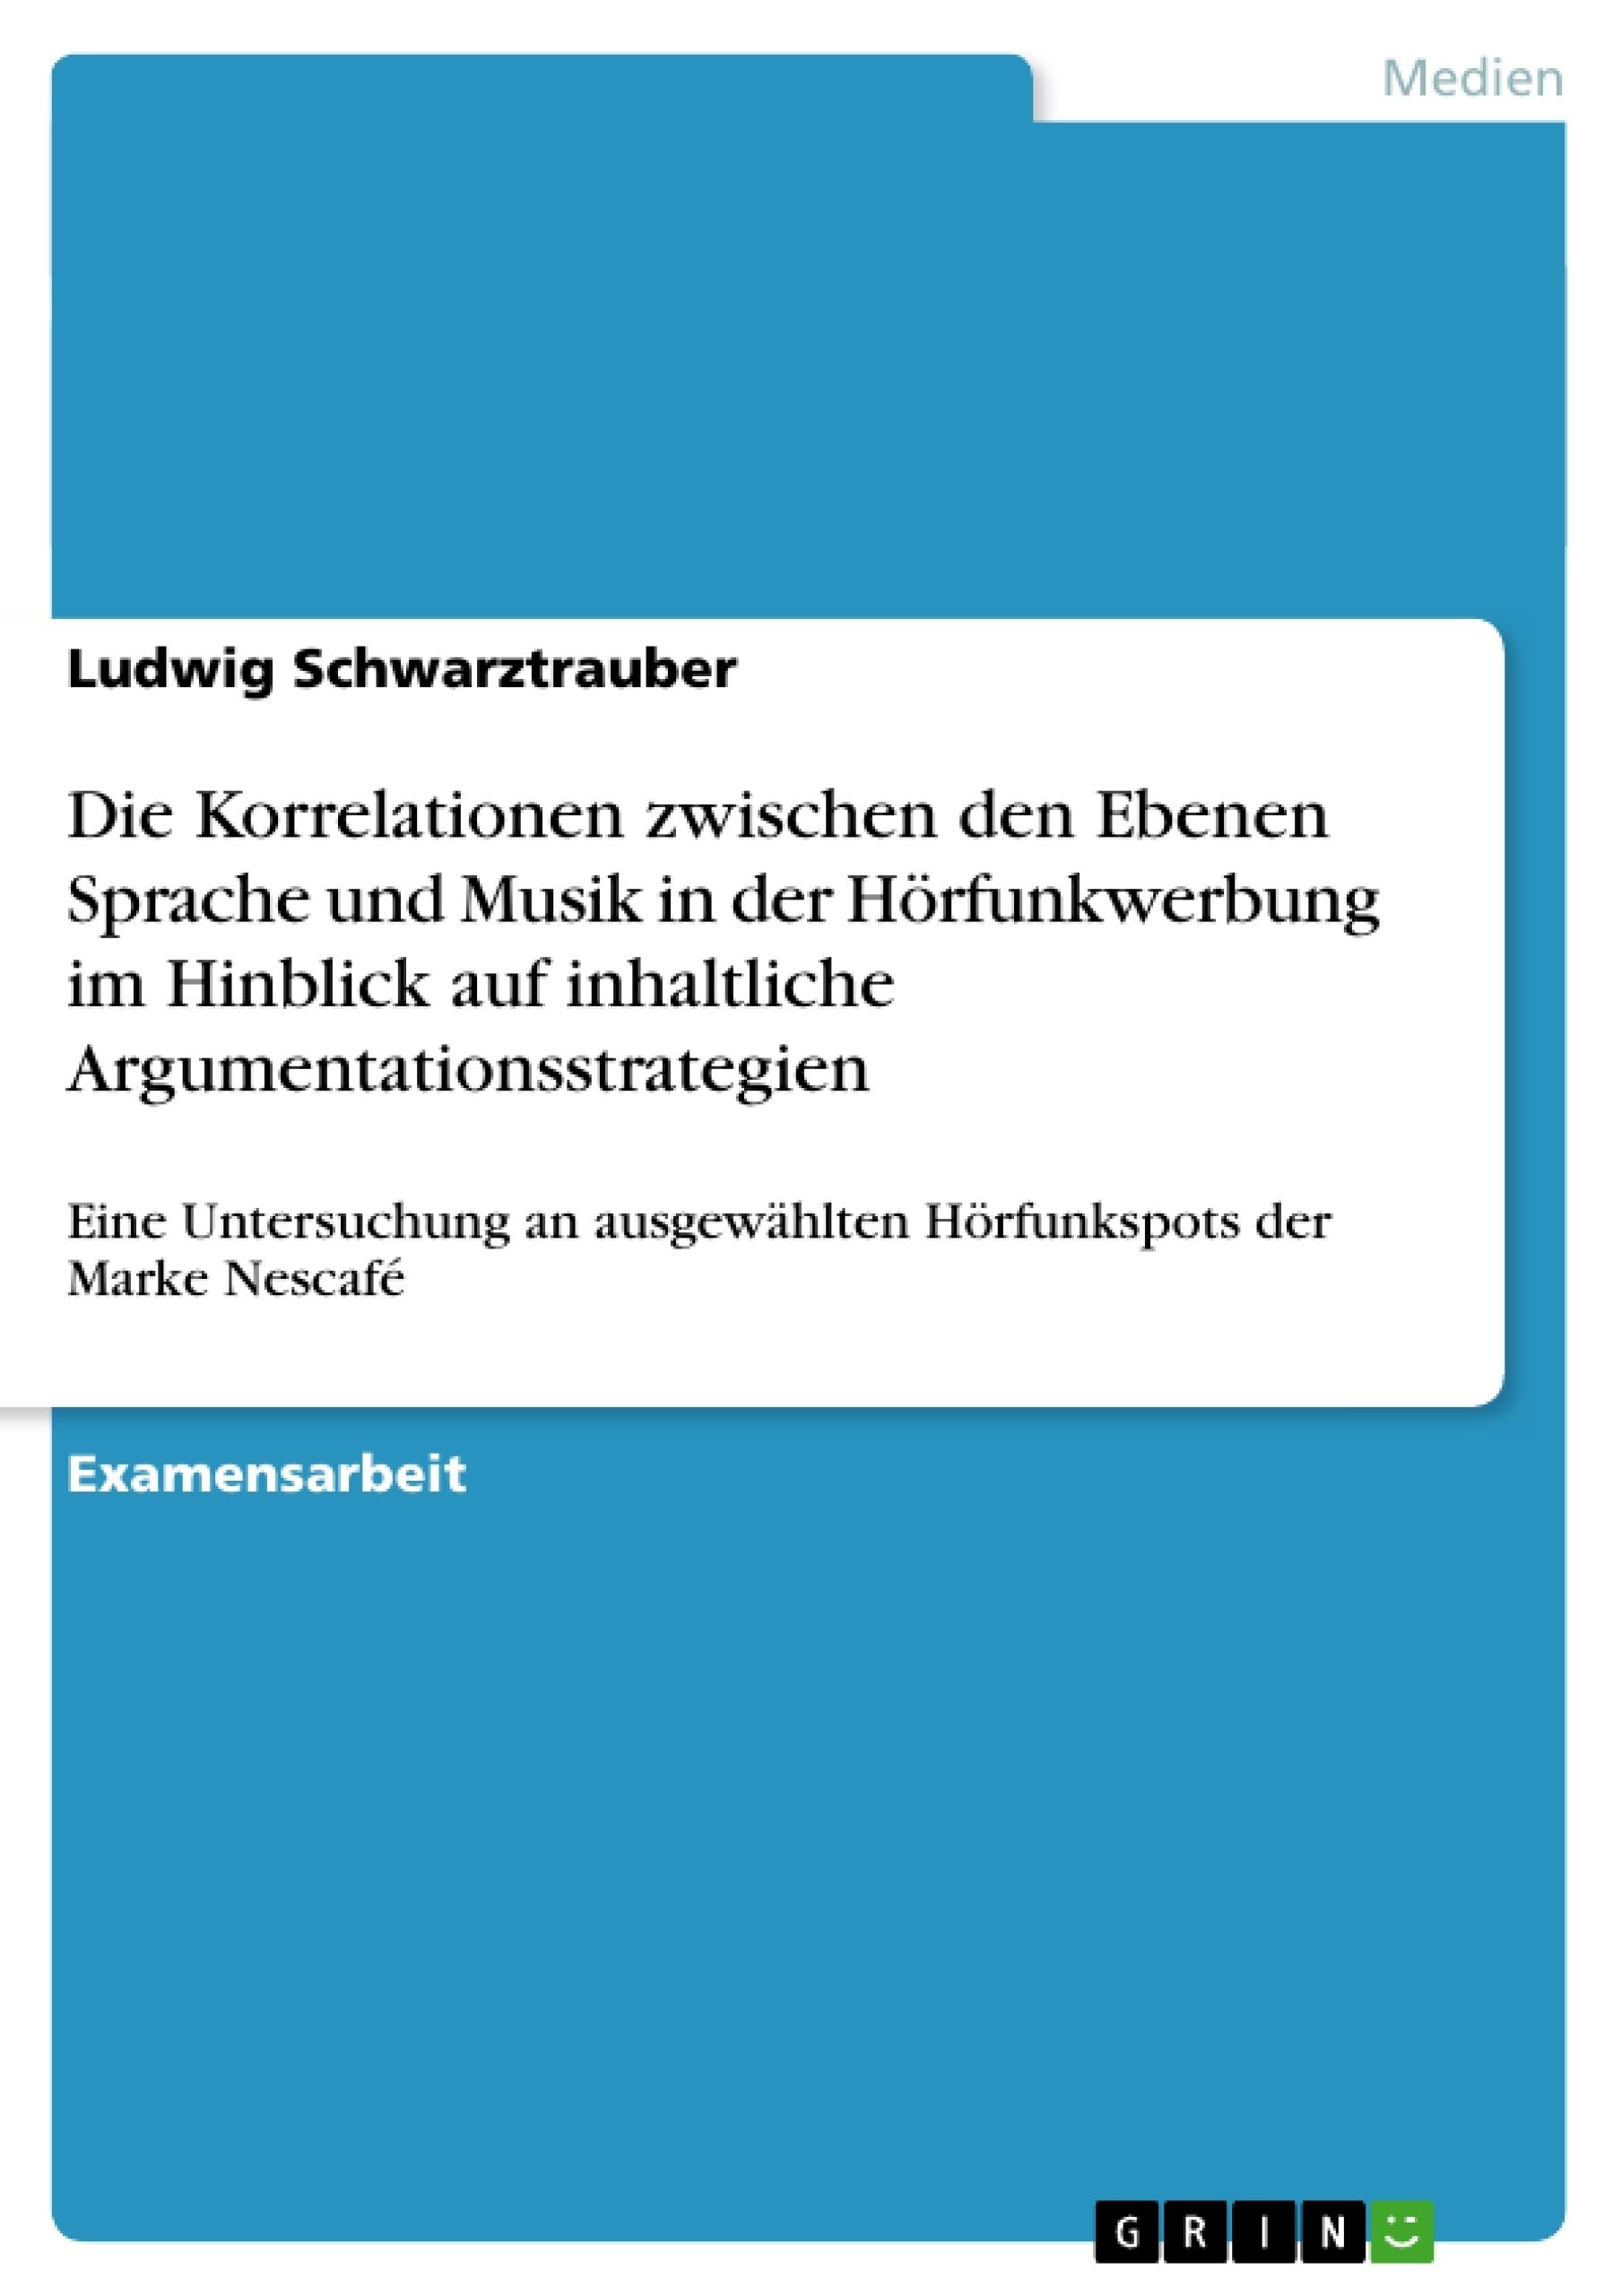 Titel: Die Korrelationen zwischen den Ebenen Sprache und Musik in der Hörfunkwerbung im Hinblick auf inhaltliche Argumentationsstrategien